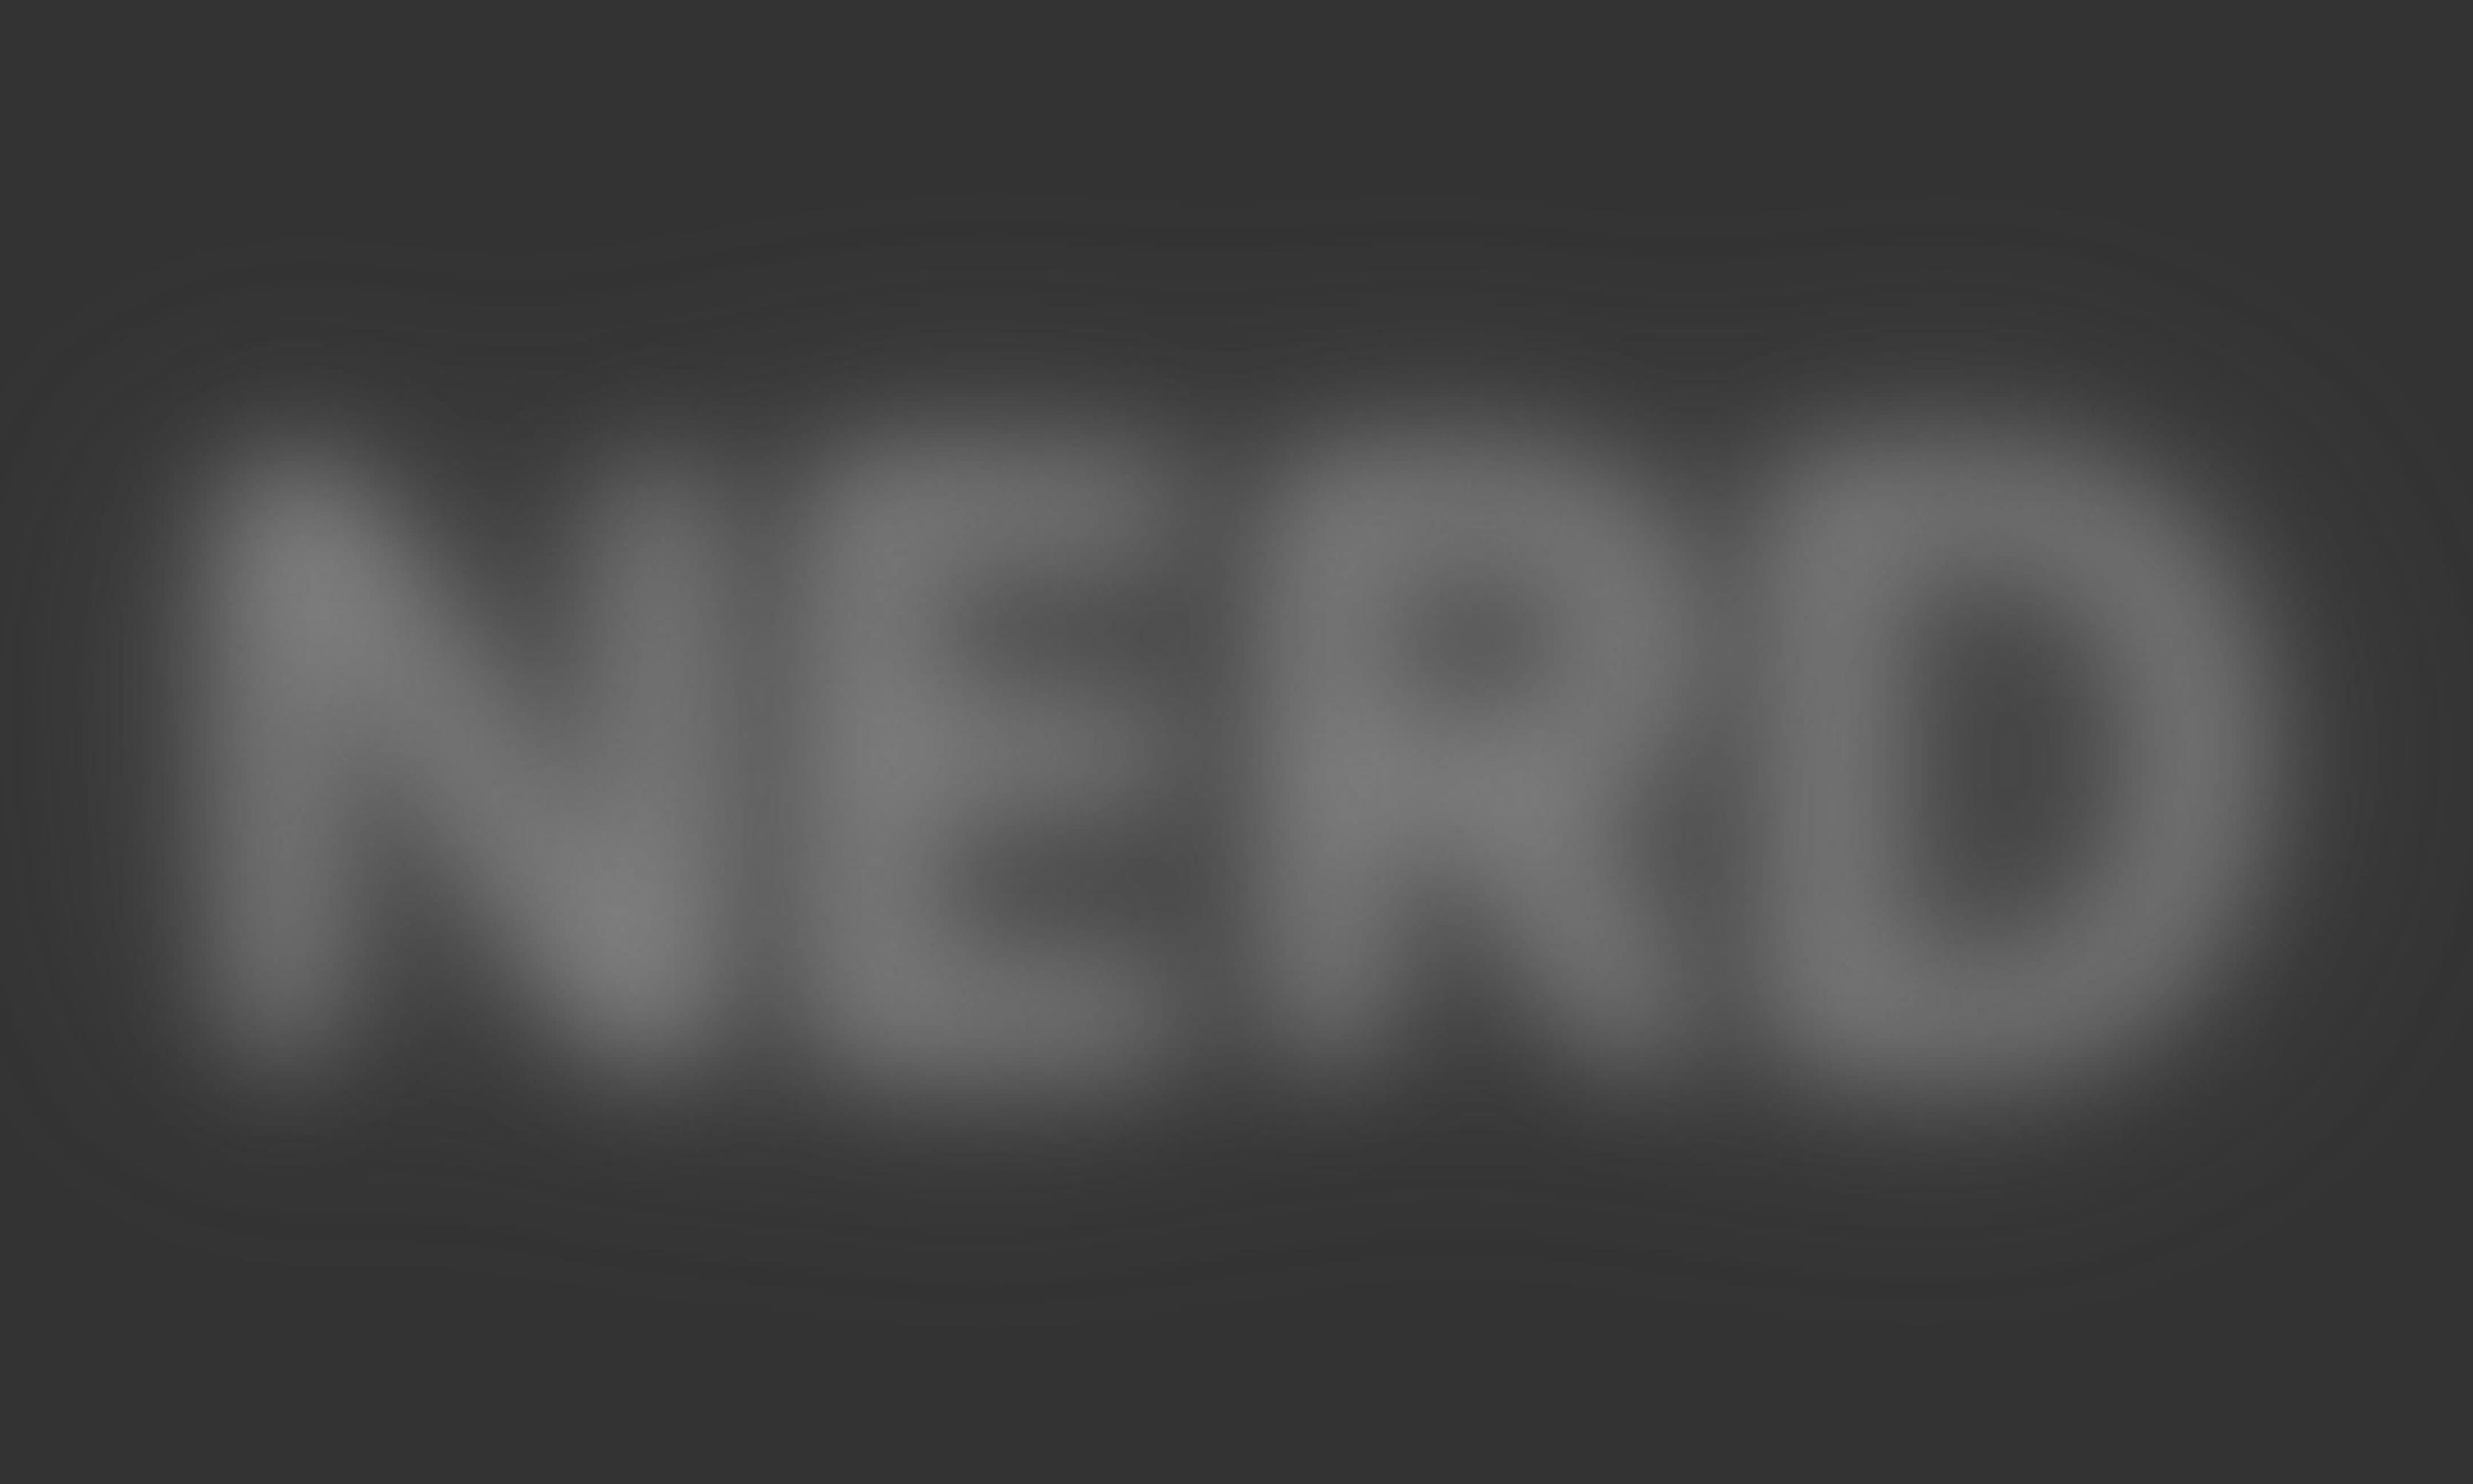 Nerd_Visual_1